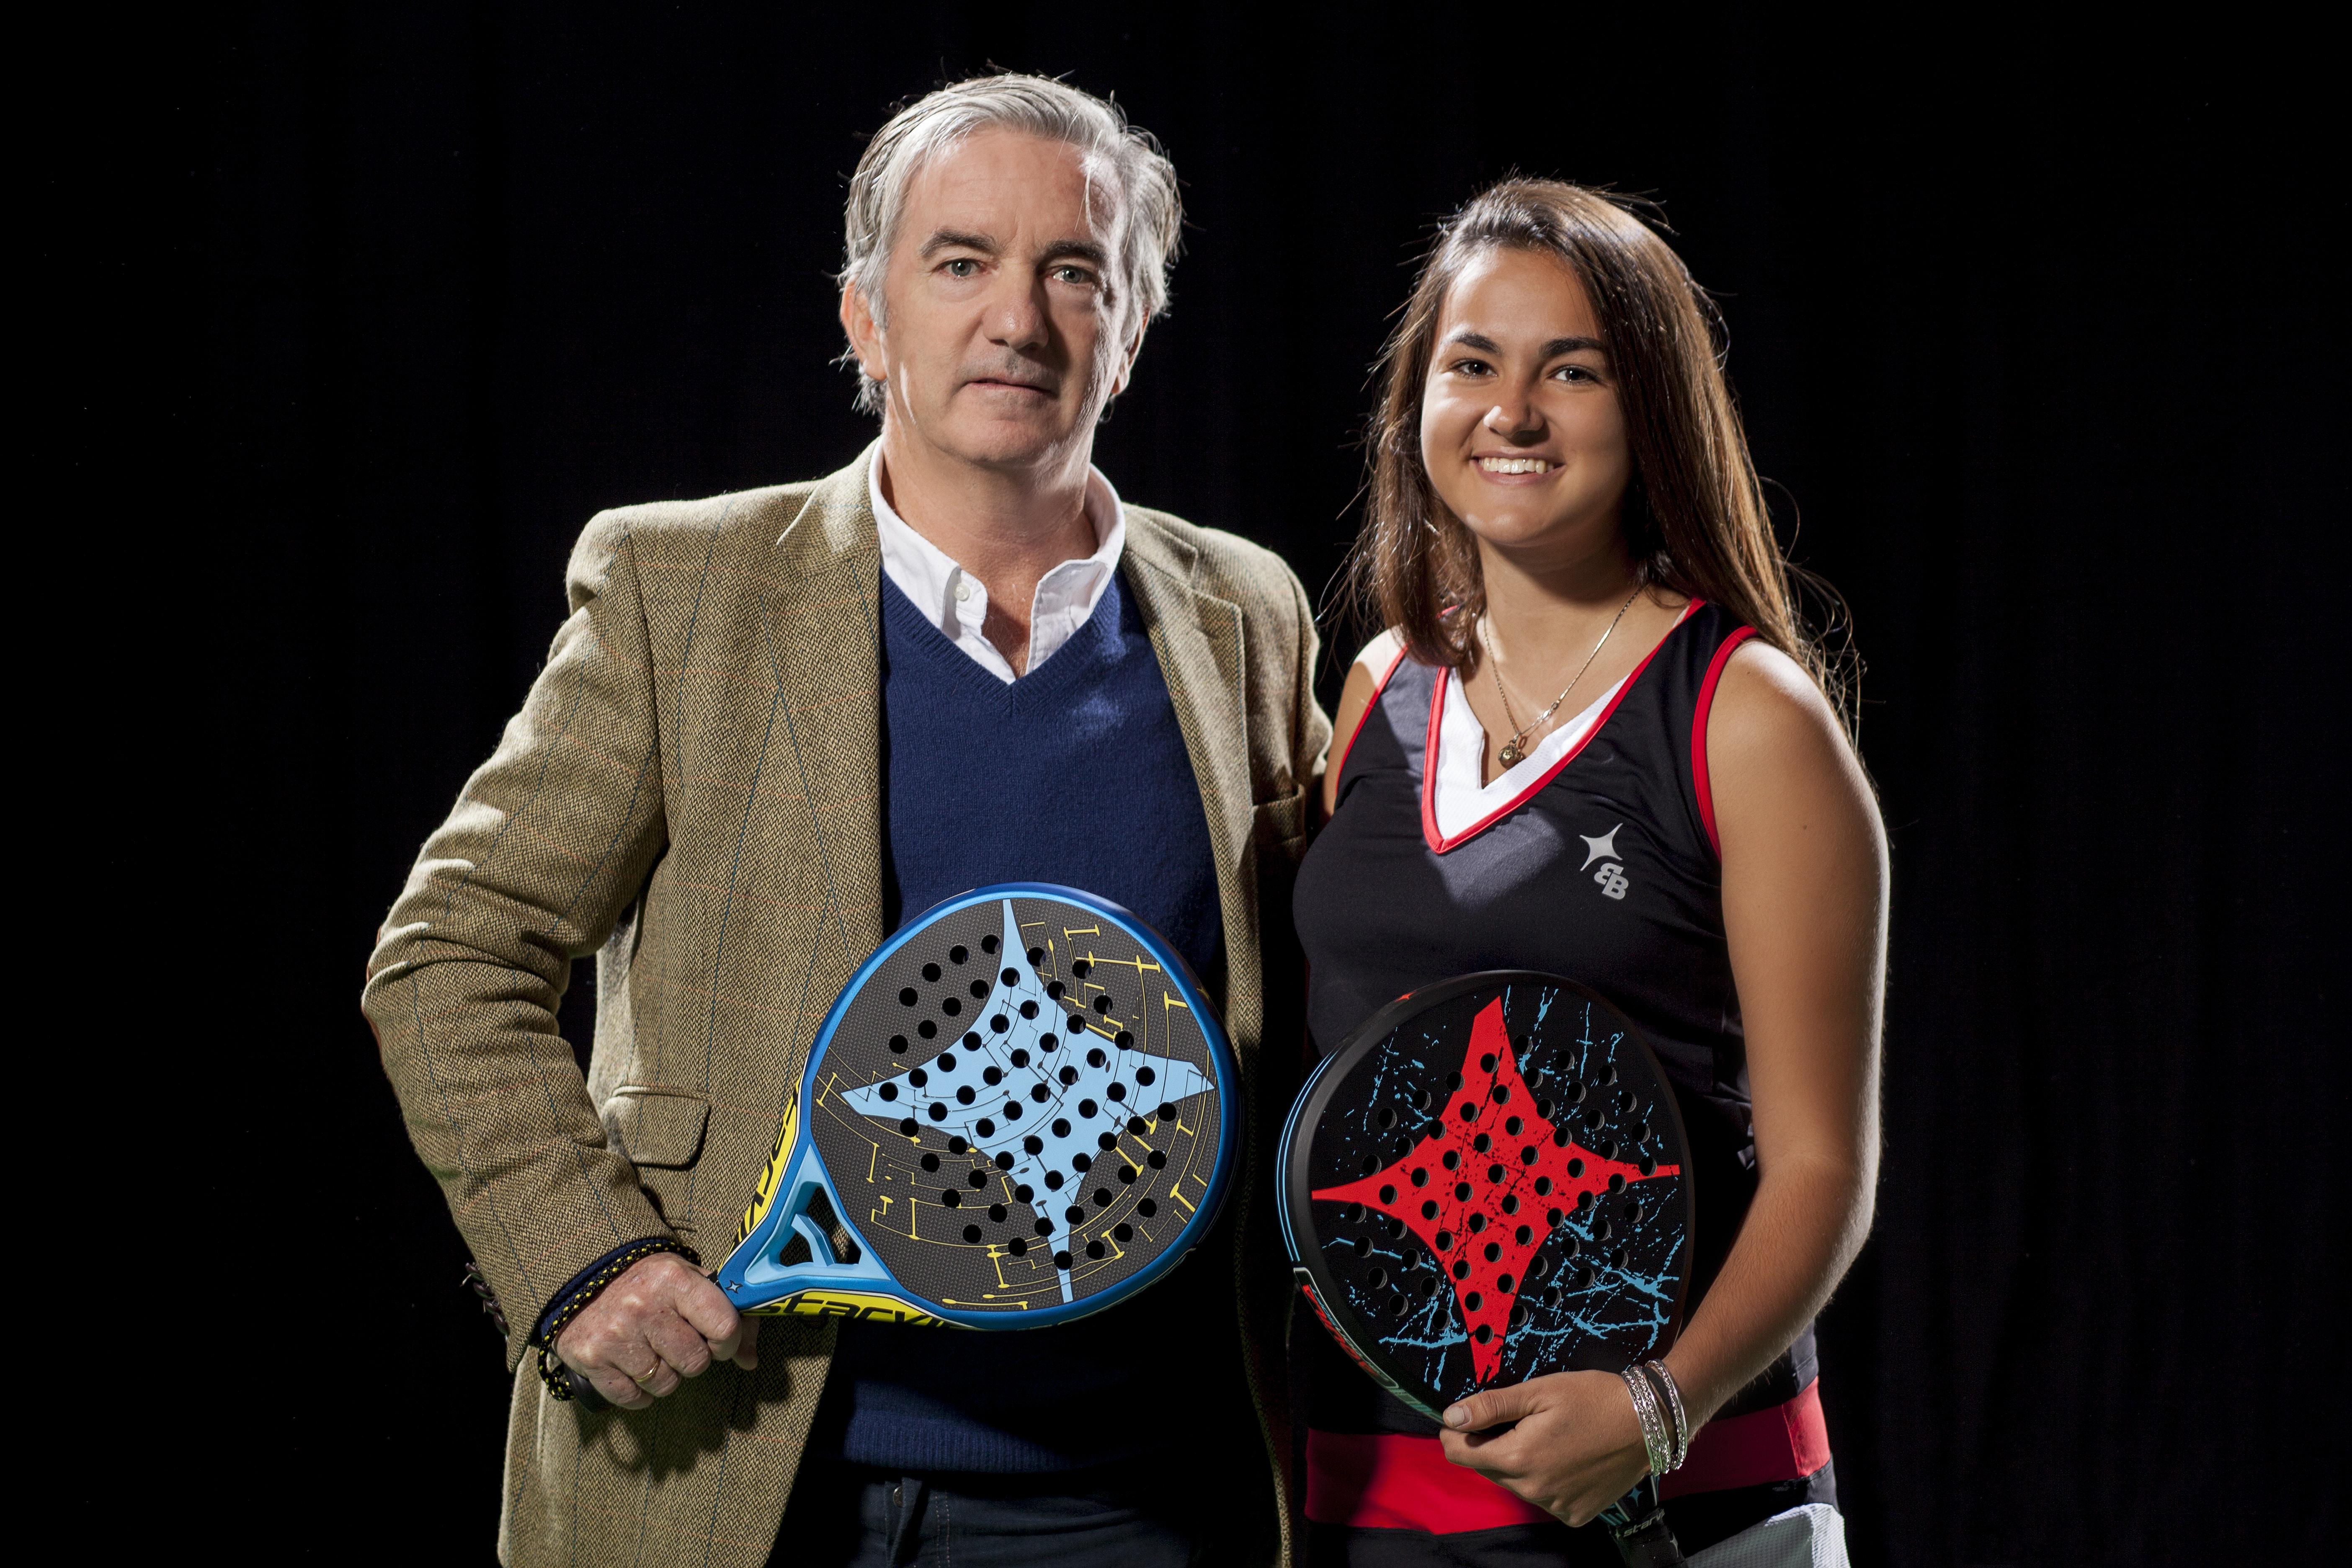 Jorge Gomez de la Vega y Ariadna Cañellas StarVie